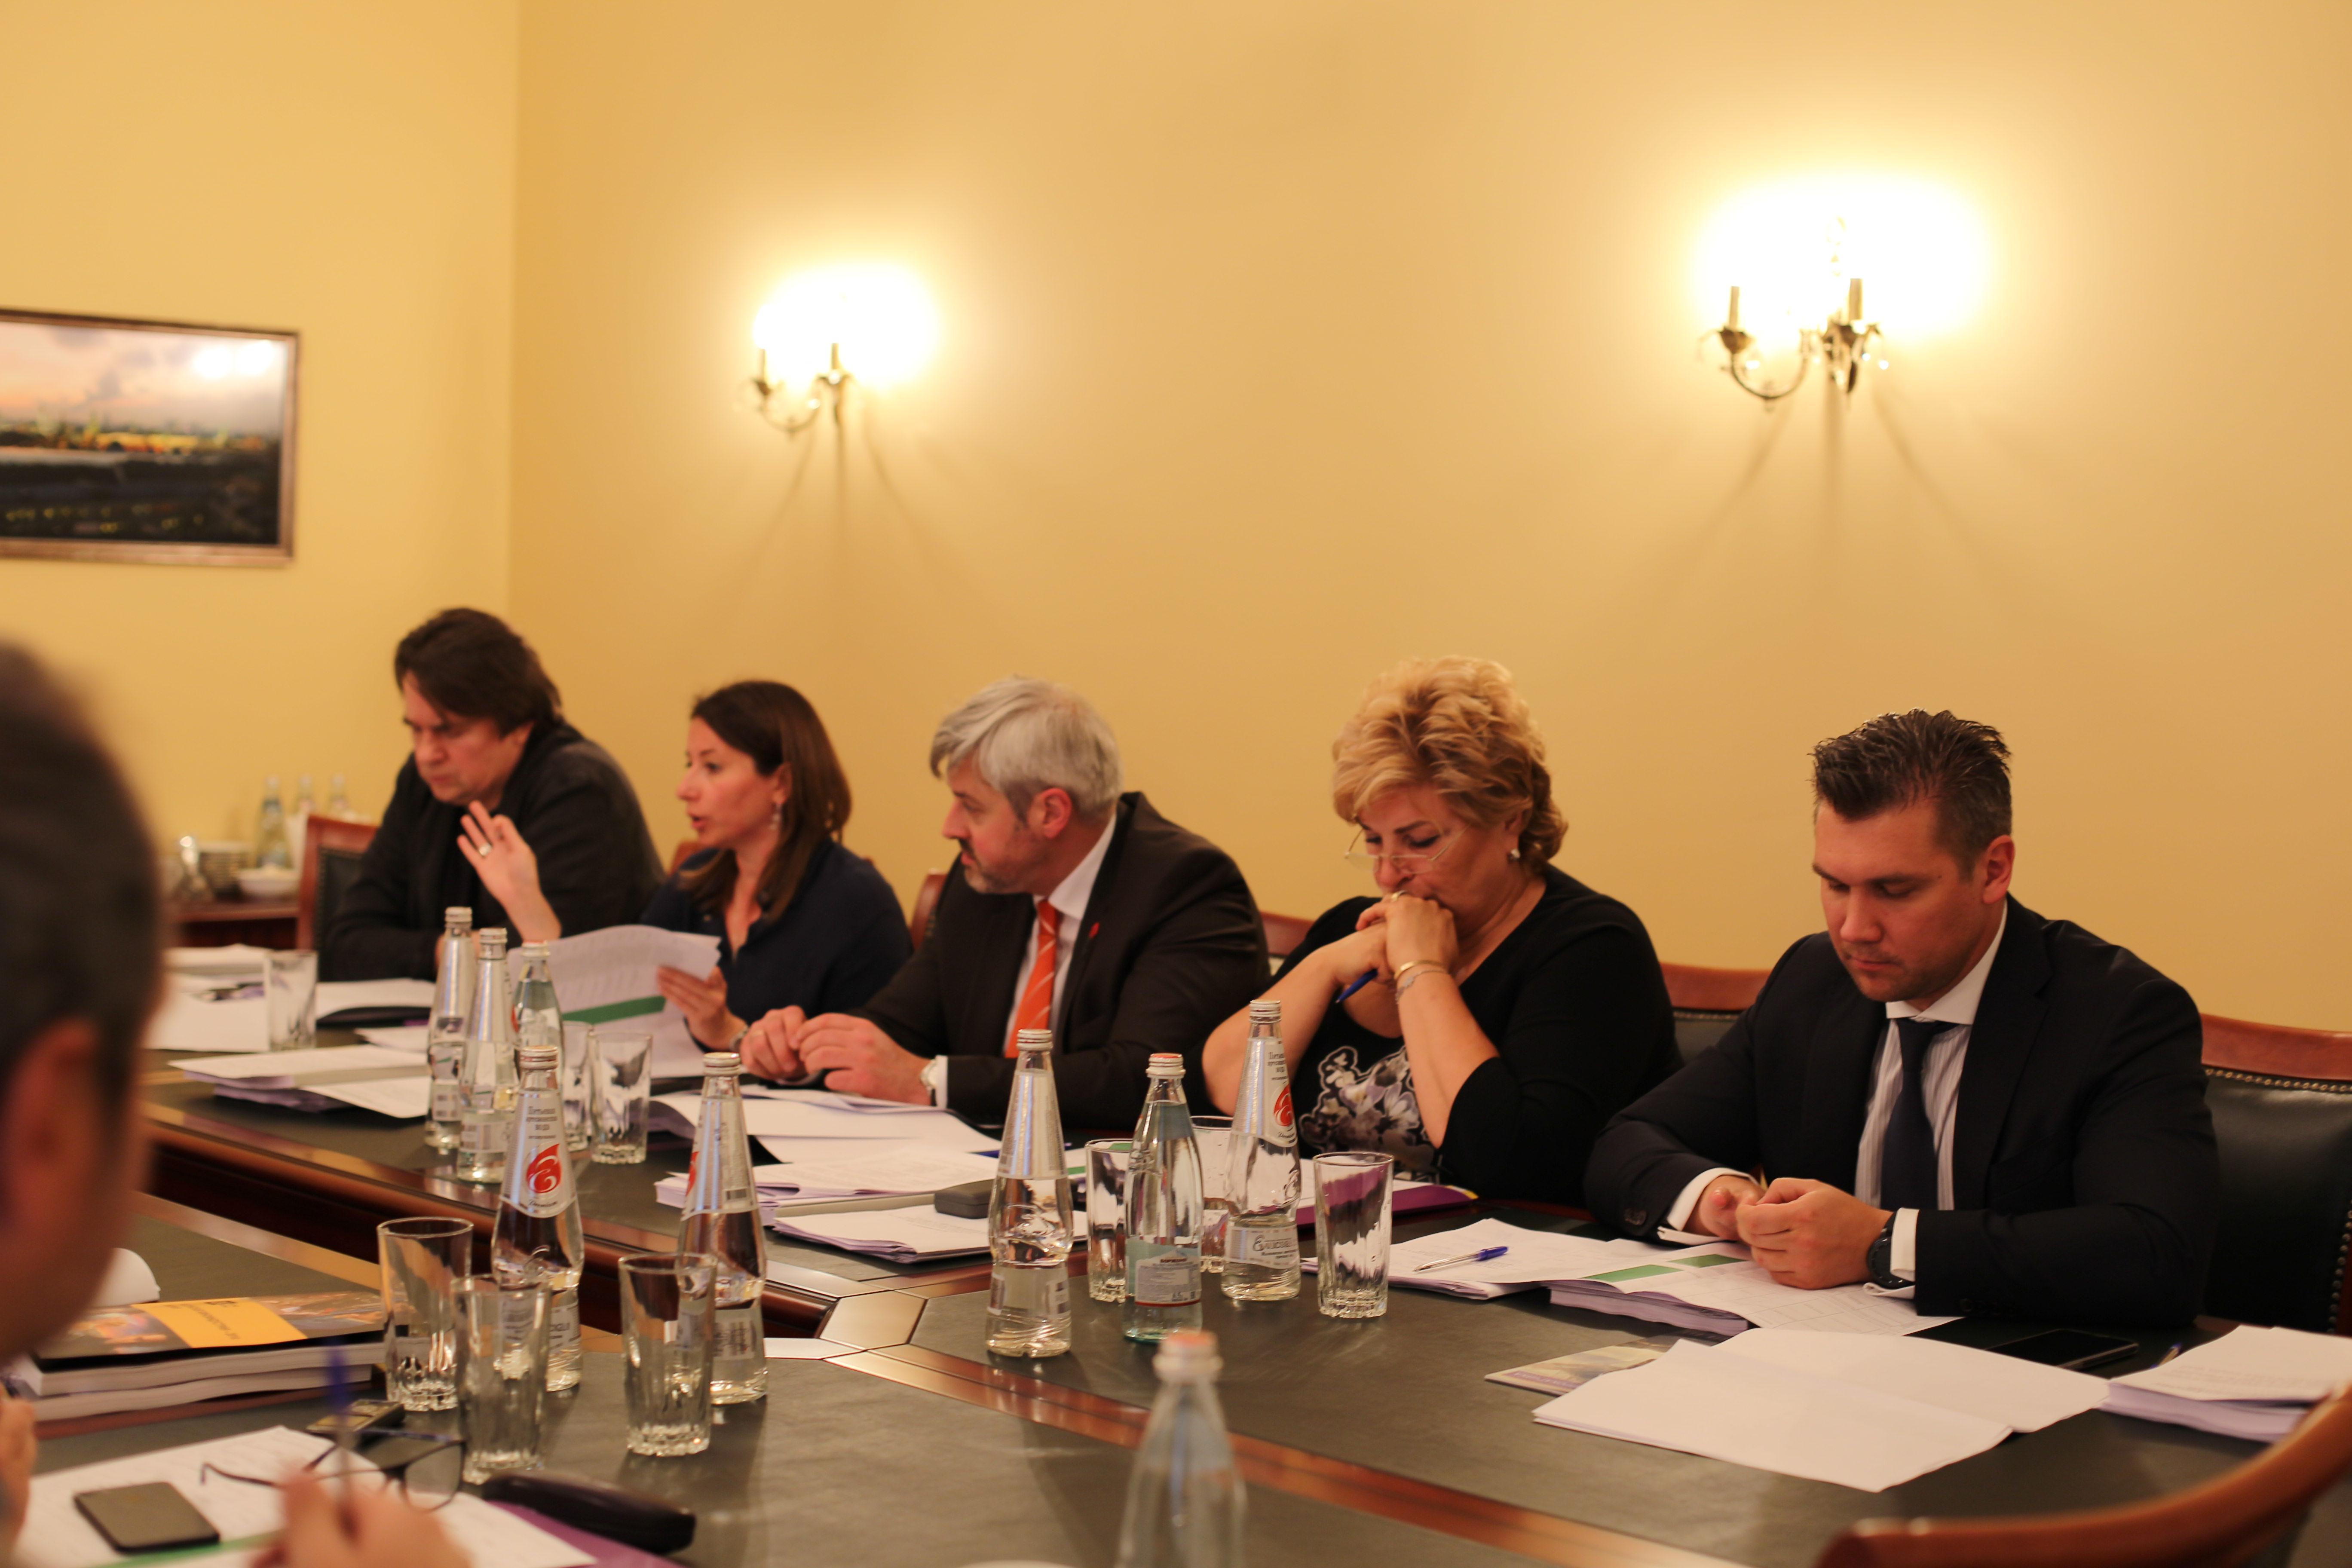 Заседание Попечительского совета Федерального фонда социальной и экономической поддержки отечественной кинематографии